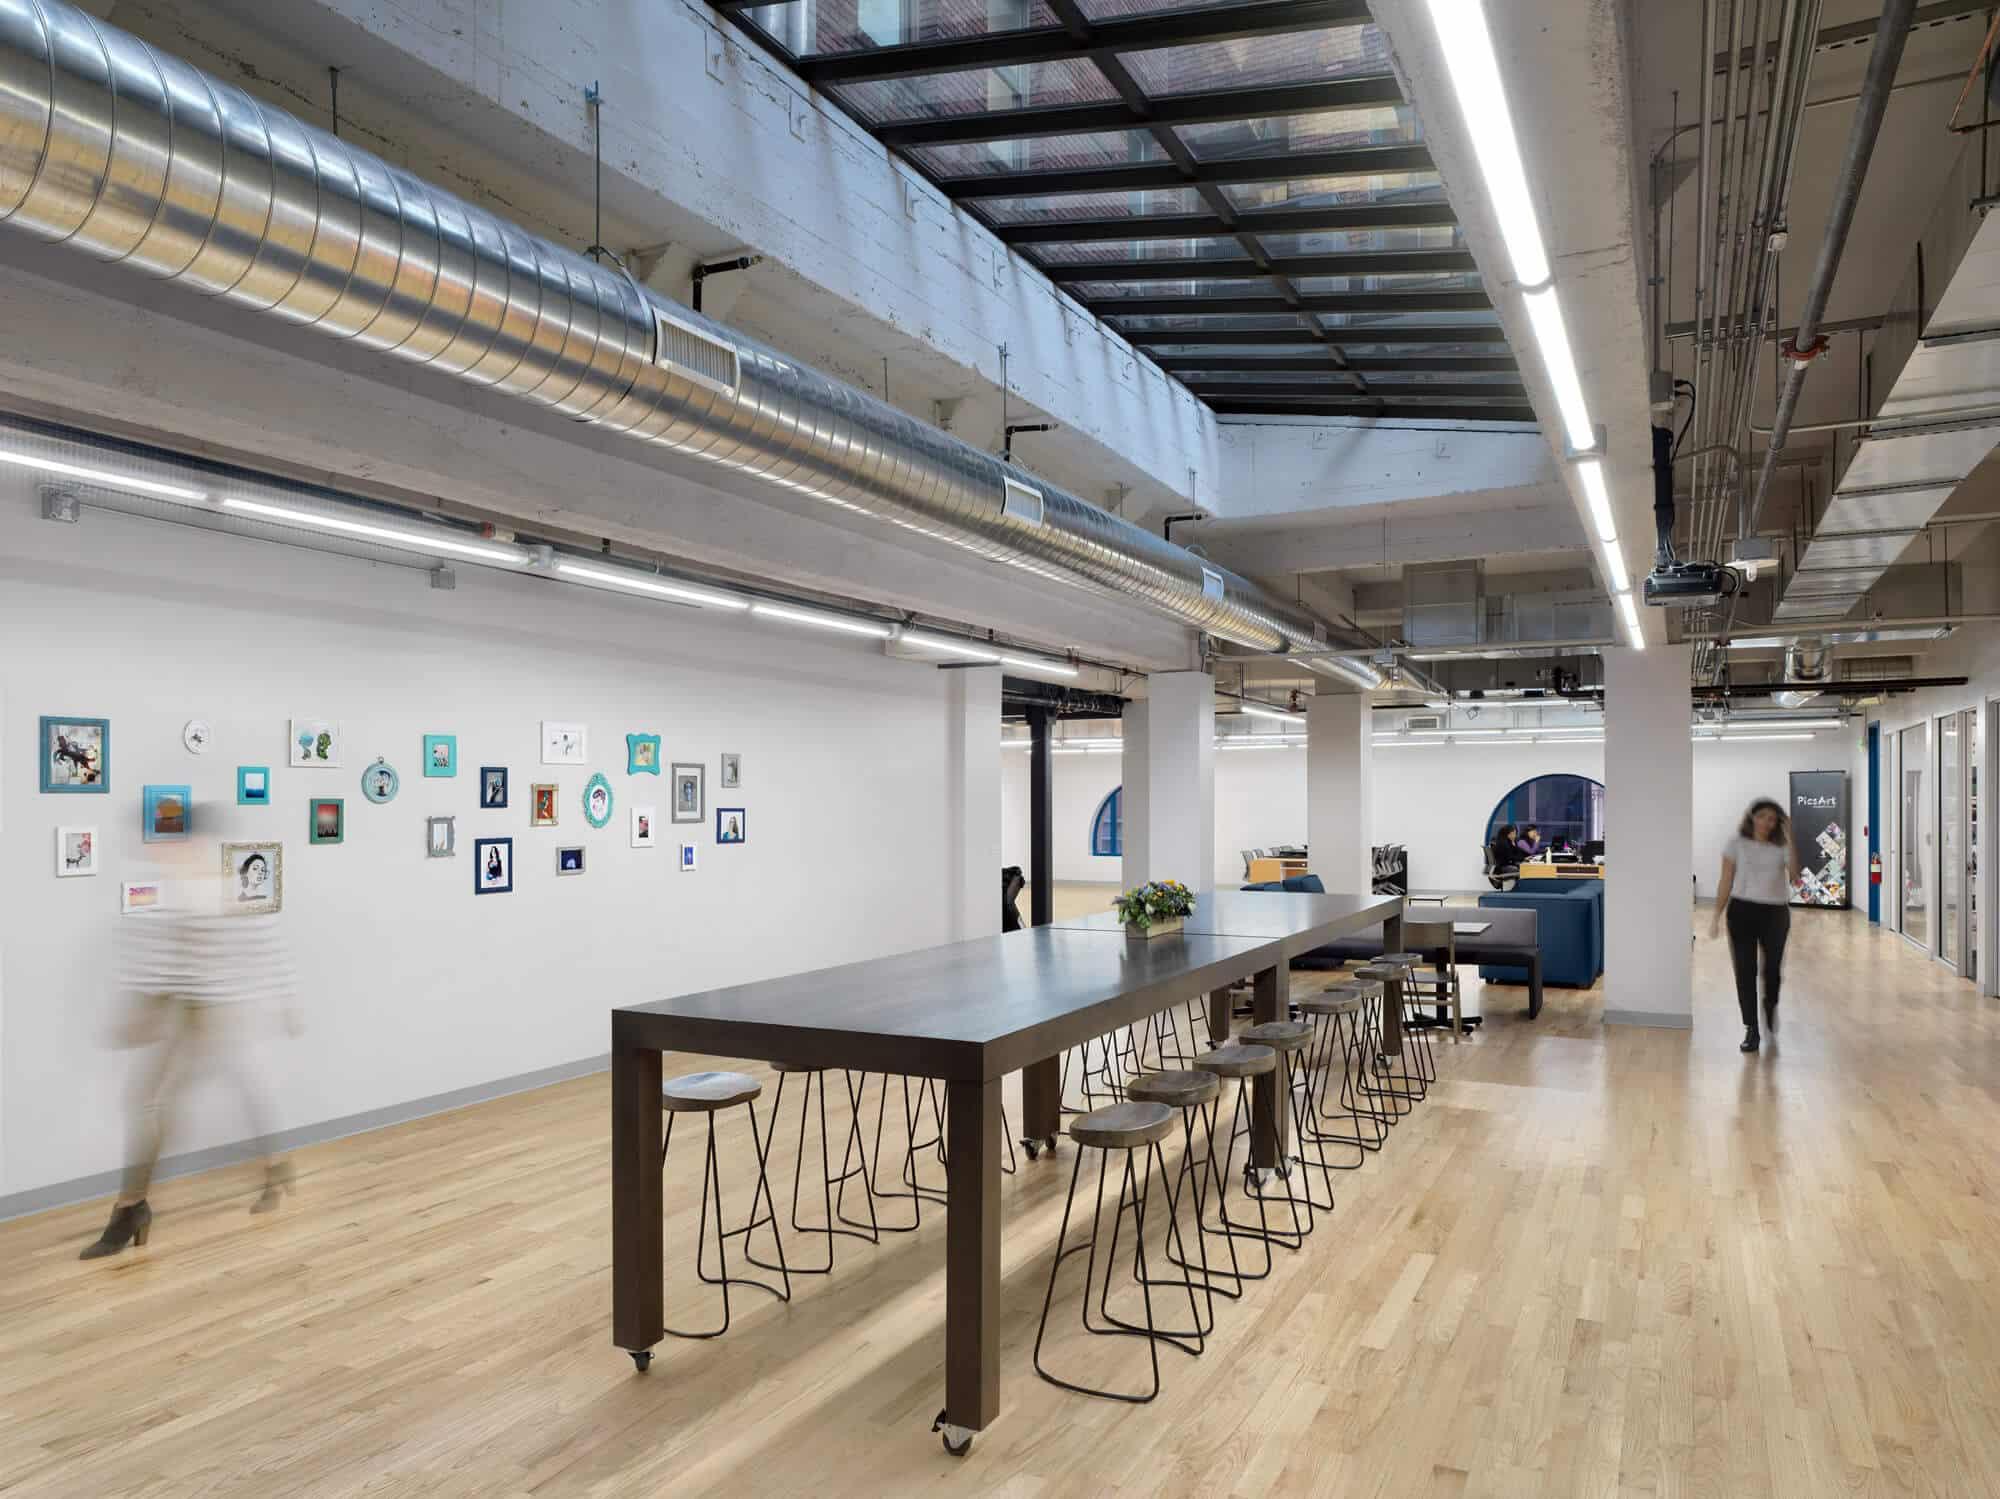 tenant improvement of PicsArt in San Francisco Image 5